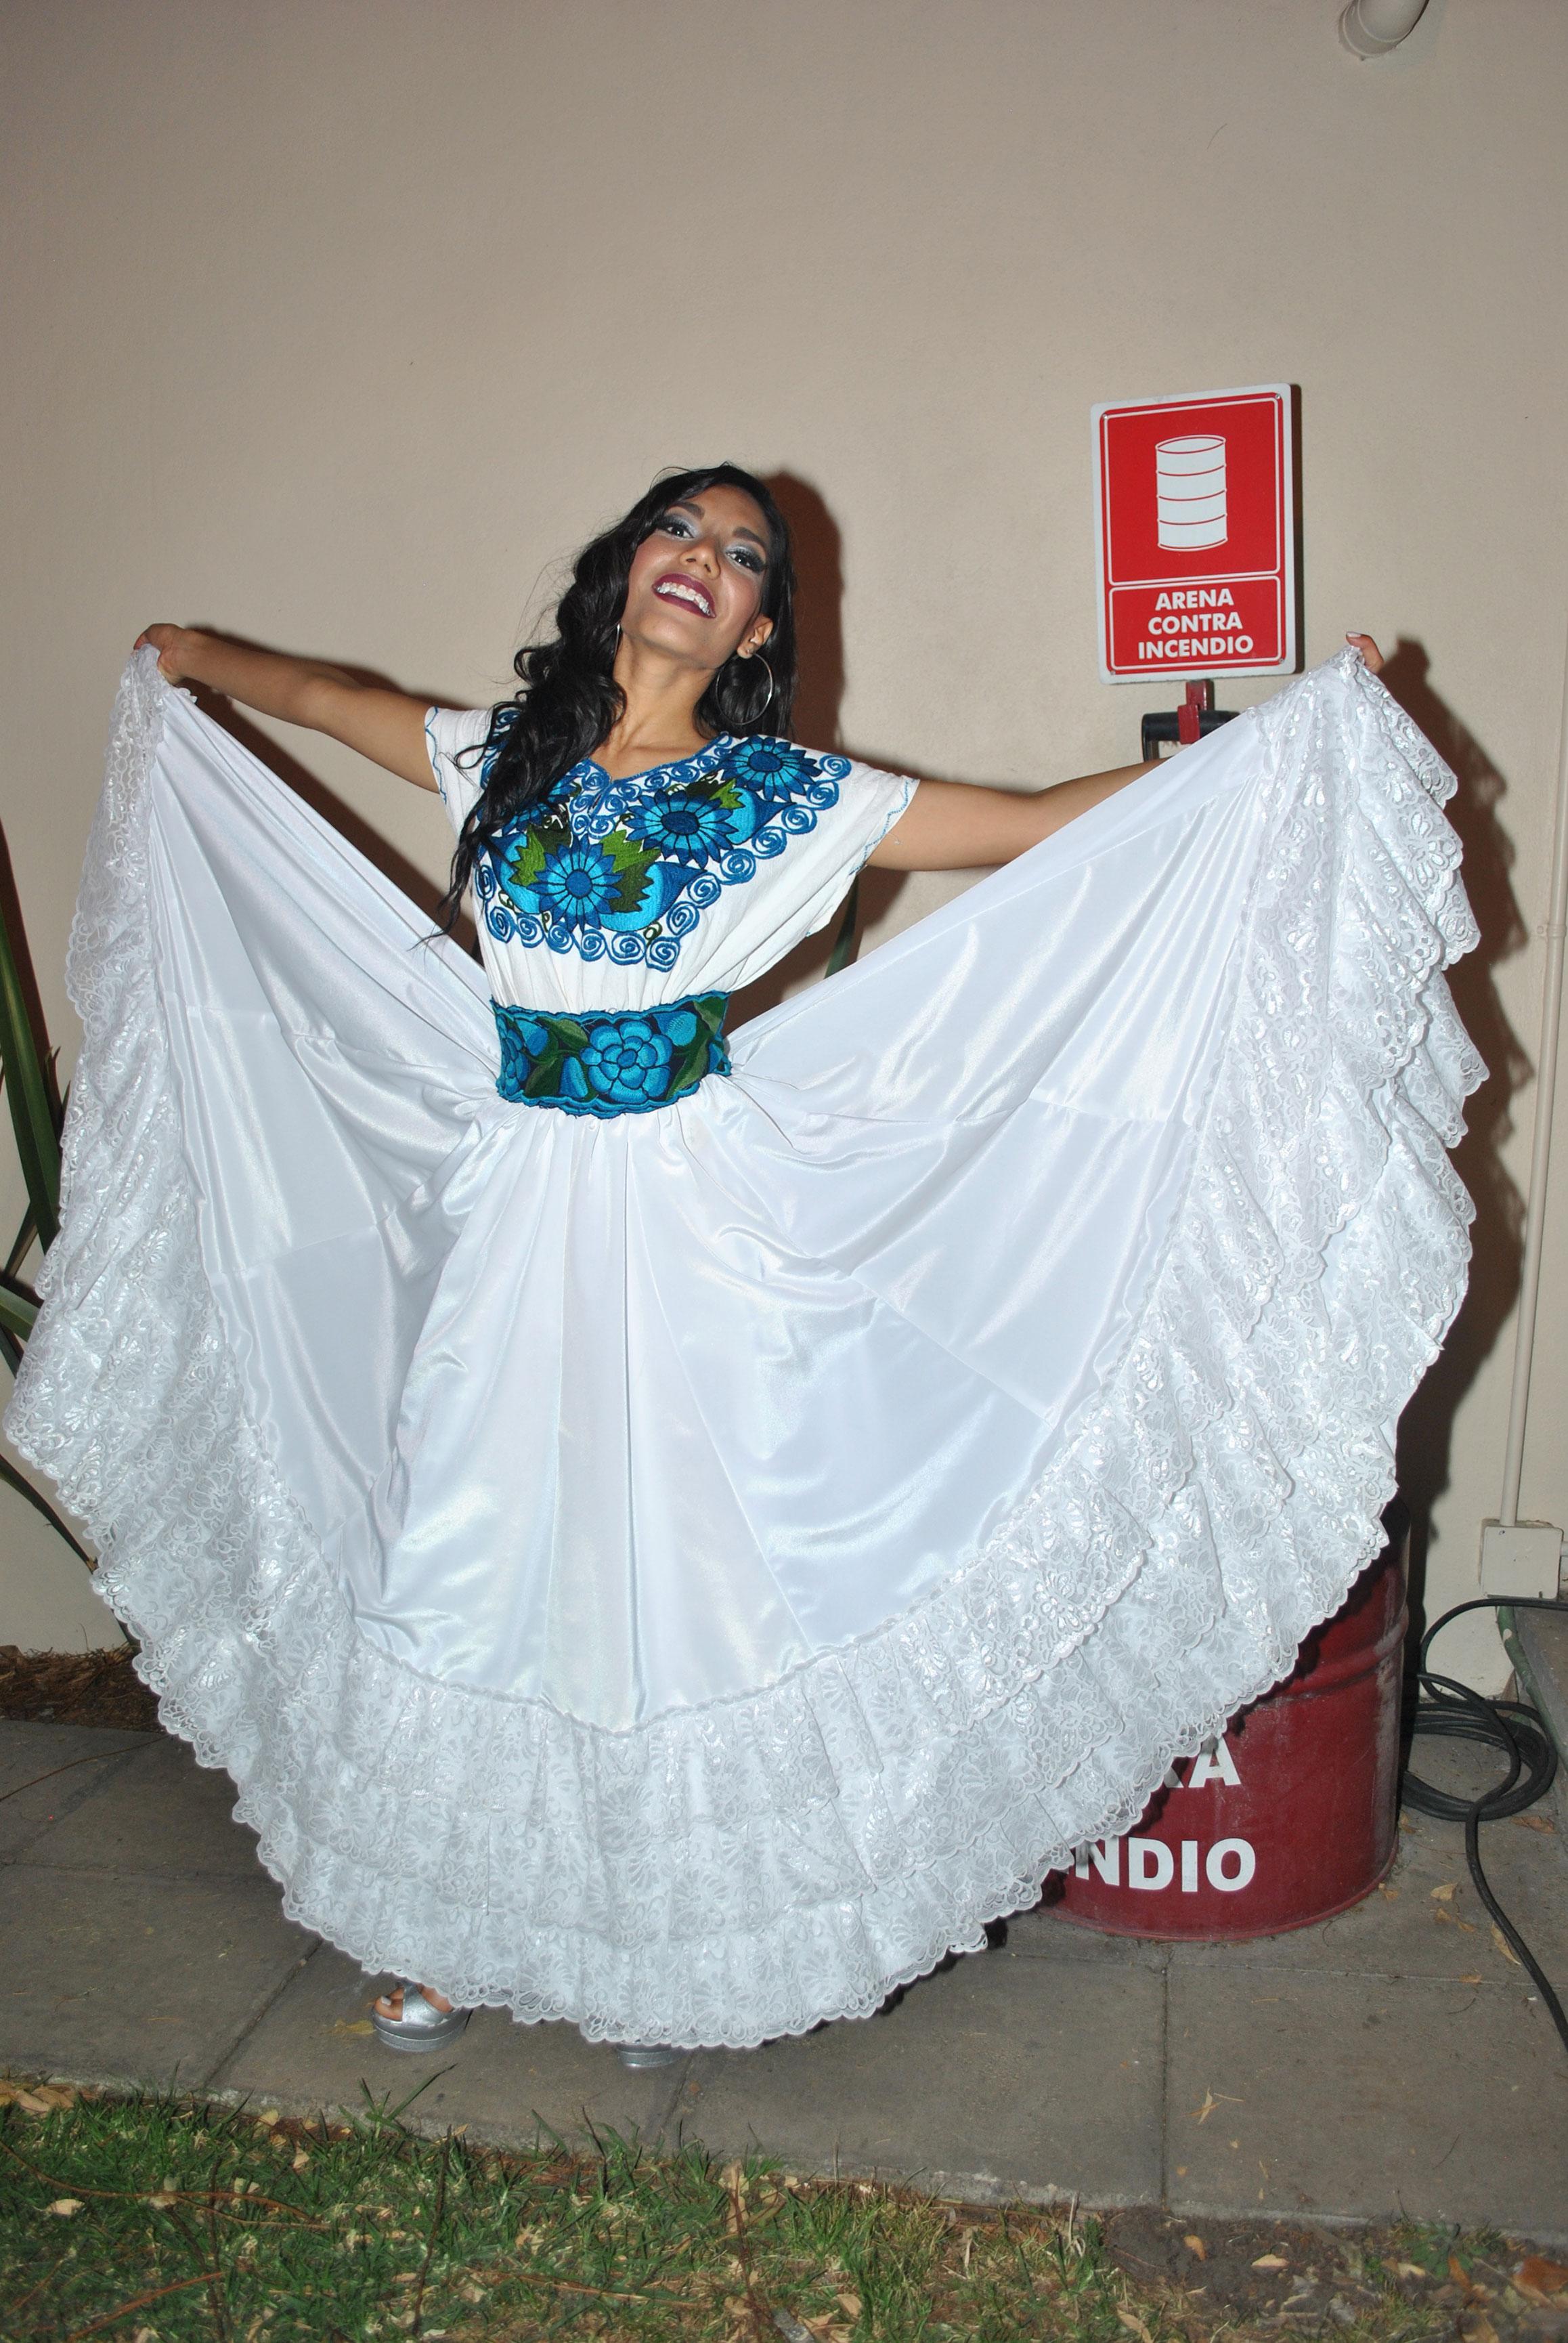 Fabiola de iztapalapa mexico haciendo rico oral - 4 1